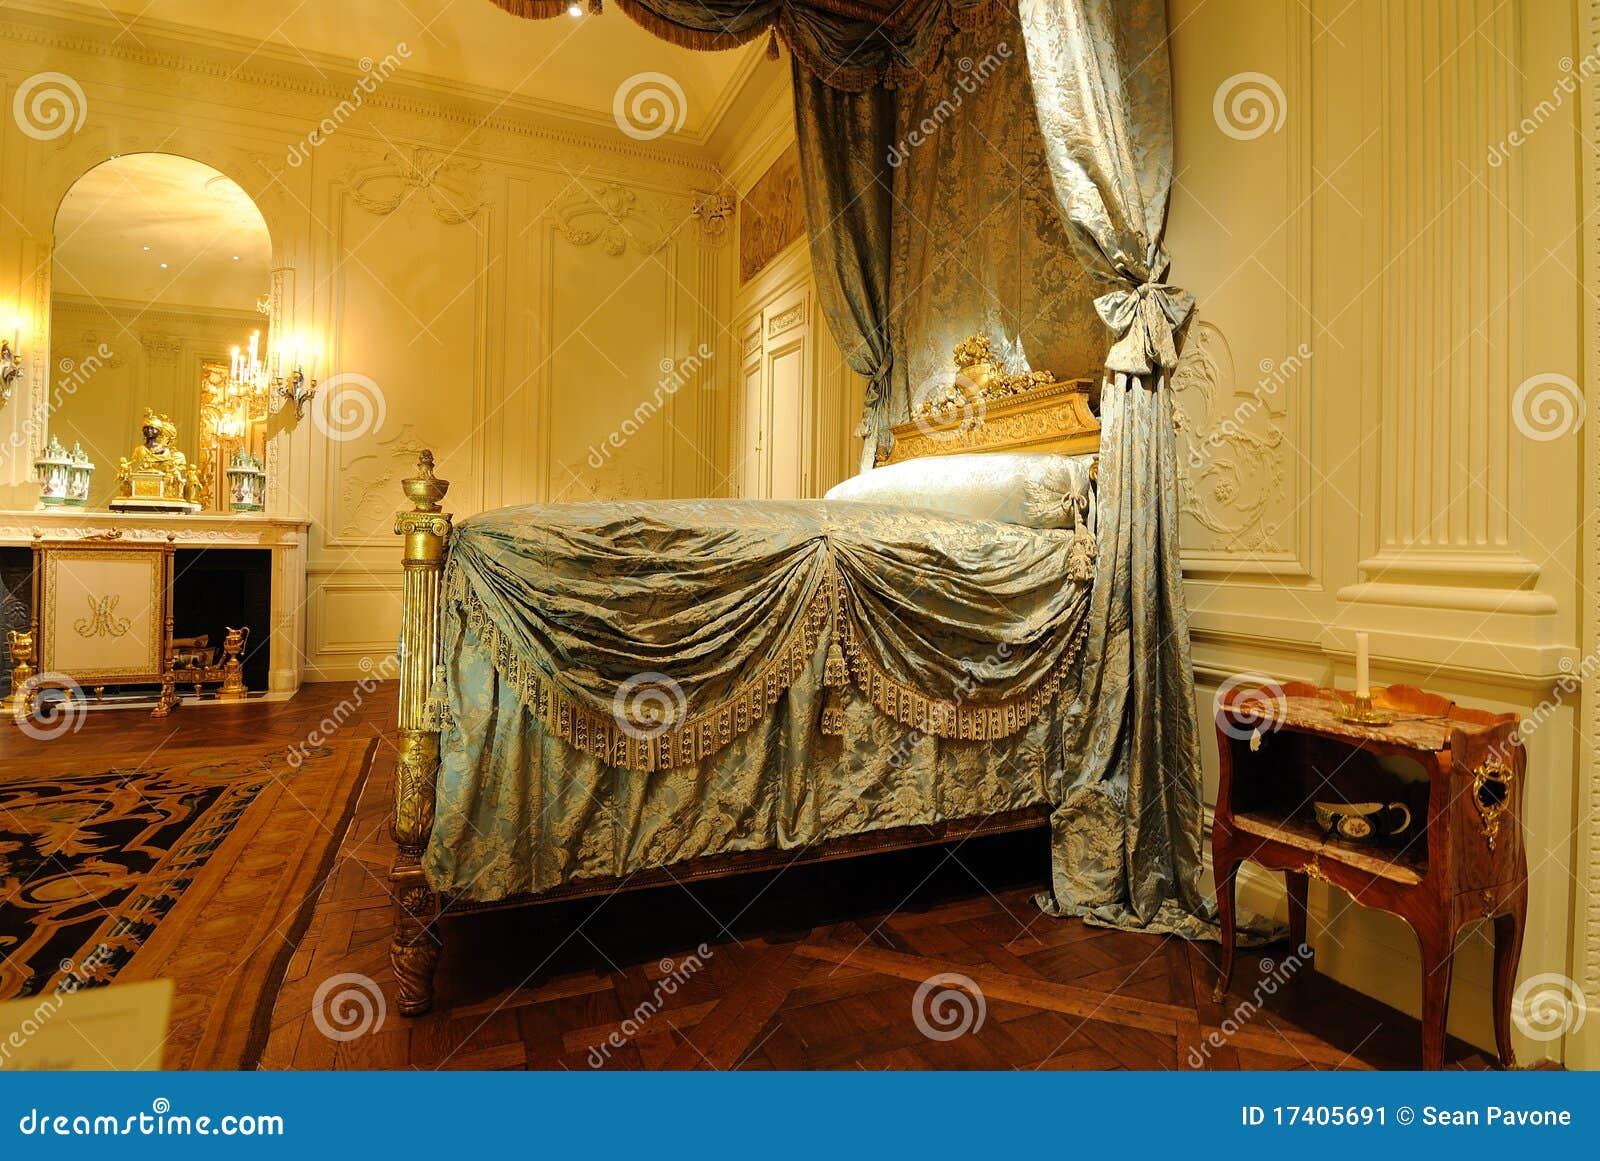 Muebles Historicos - Muebles Europeos Hist Ricos Foto Editorial Imagen De Furnishing [mjhdah]https://thumbs.dreamstime.com/z/muebles-hist%C3%B3ricos-de-la-cocina-88307633.jpg